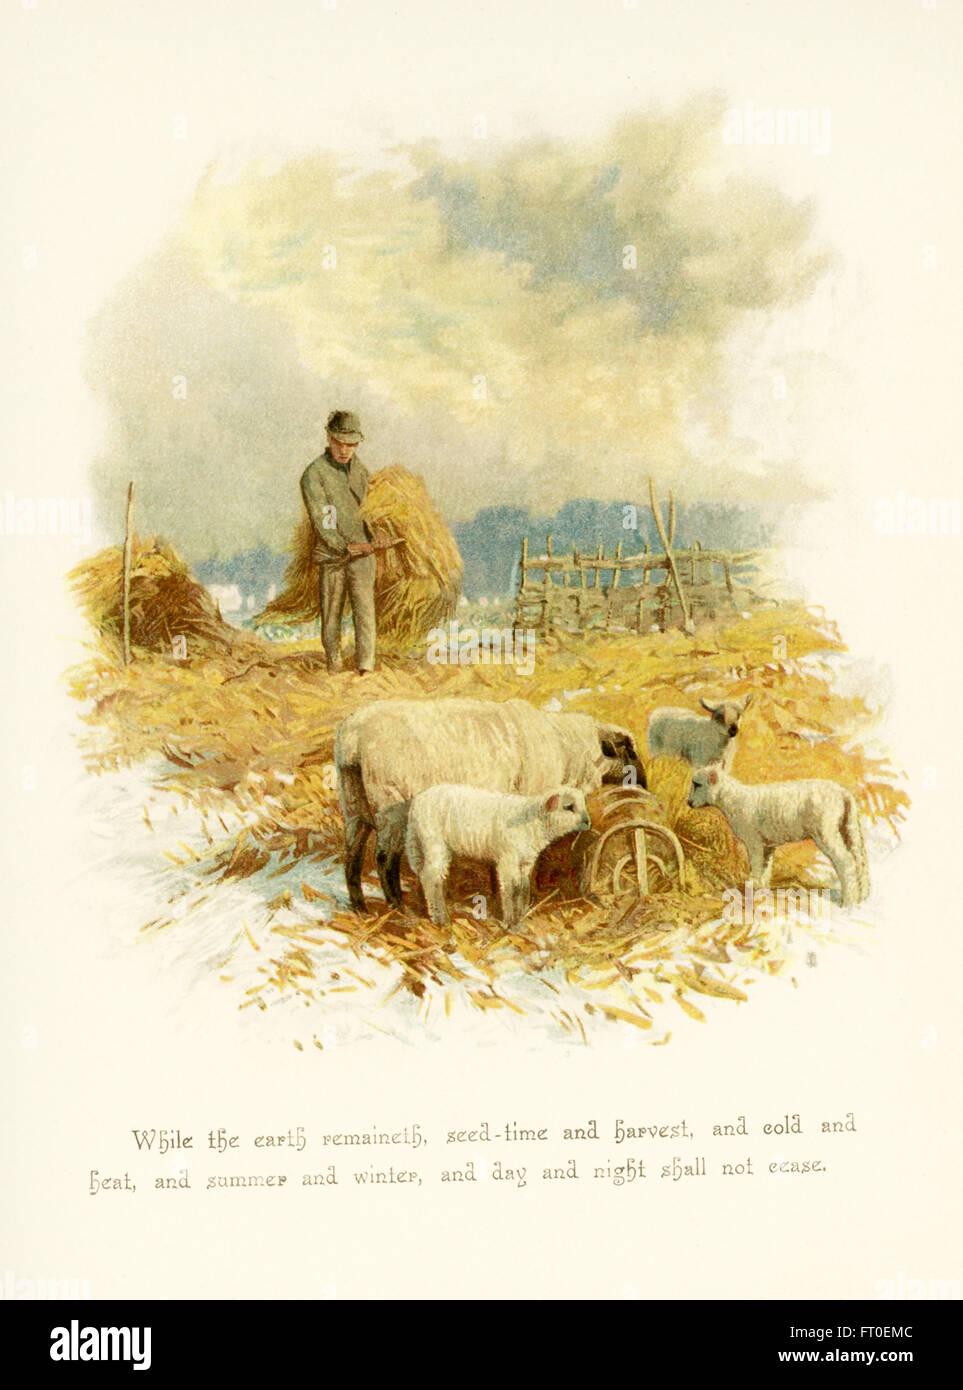 La légende de cette illustration se lit comme suit: Tant que la terre subsistera, les semences et la moisson, le froid et la chaleur, l'été et l'hiver, le jour et la nuit ne cesseront point. La scène représente un agriculteur avec ses bottes de foin et des moutons nourris du foin. Il a accompagné les poèmes de Phillips Brooks. Brooks était ministre épiscopalien à Boston à la fin des années 1800. Banque D'Images